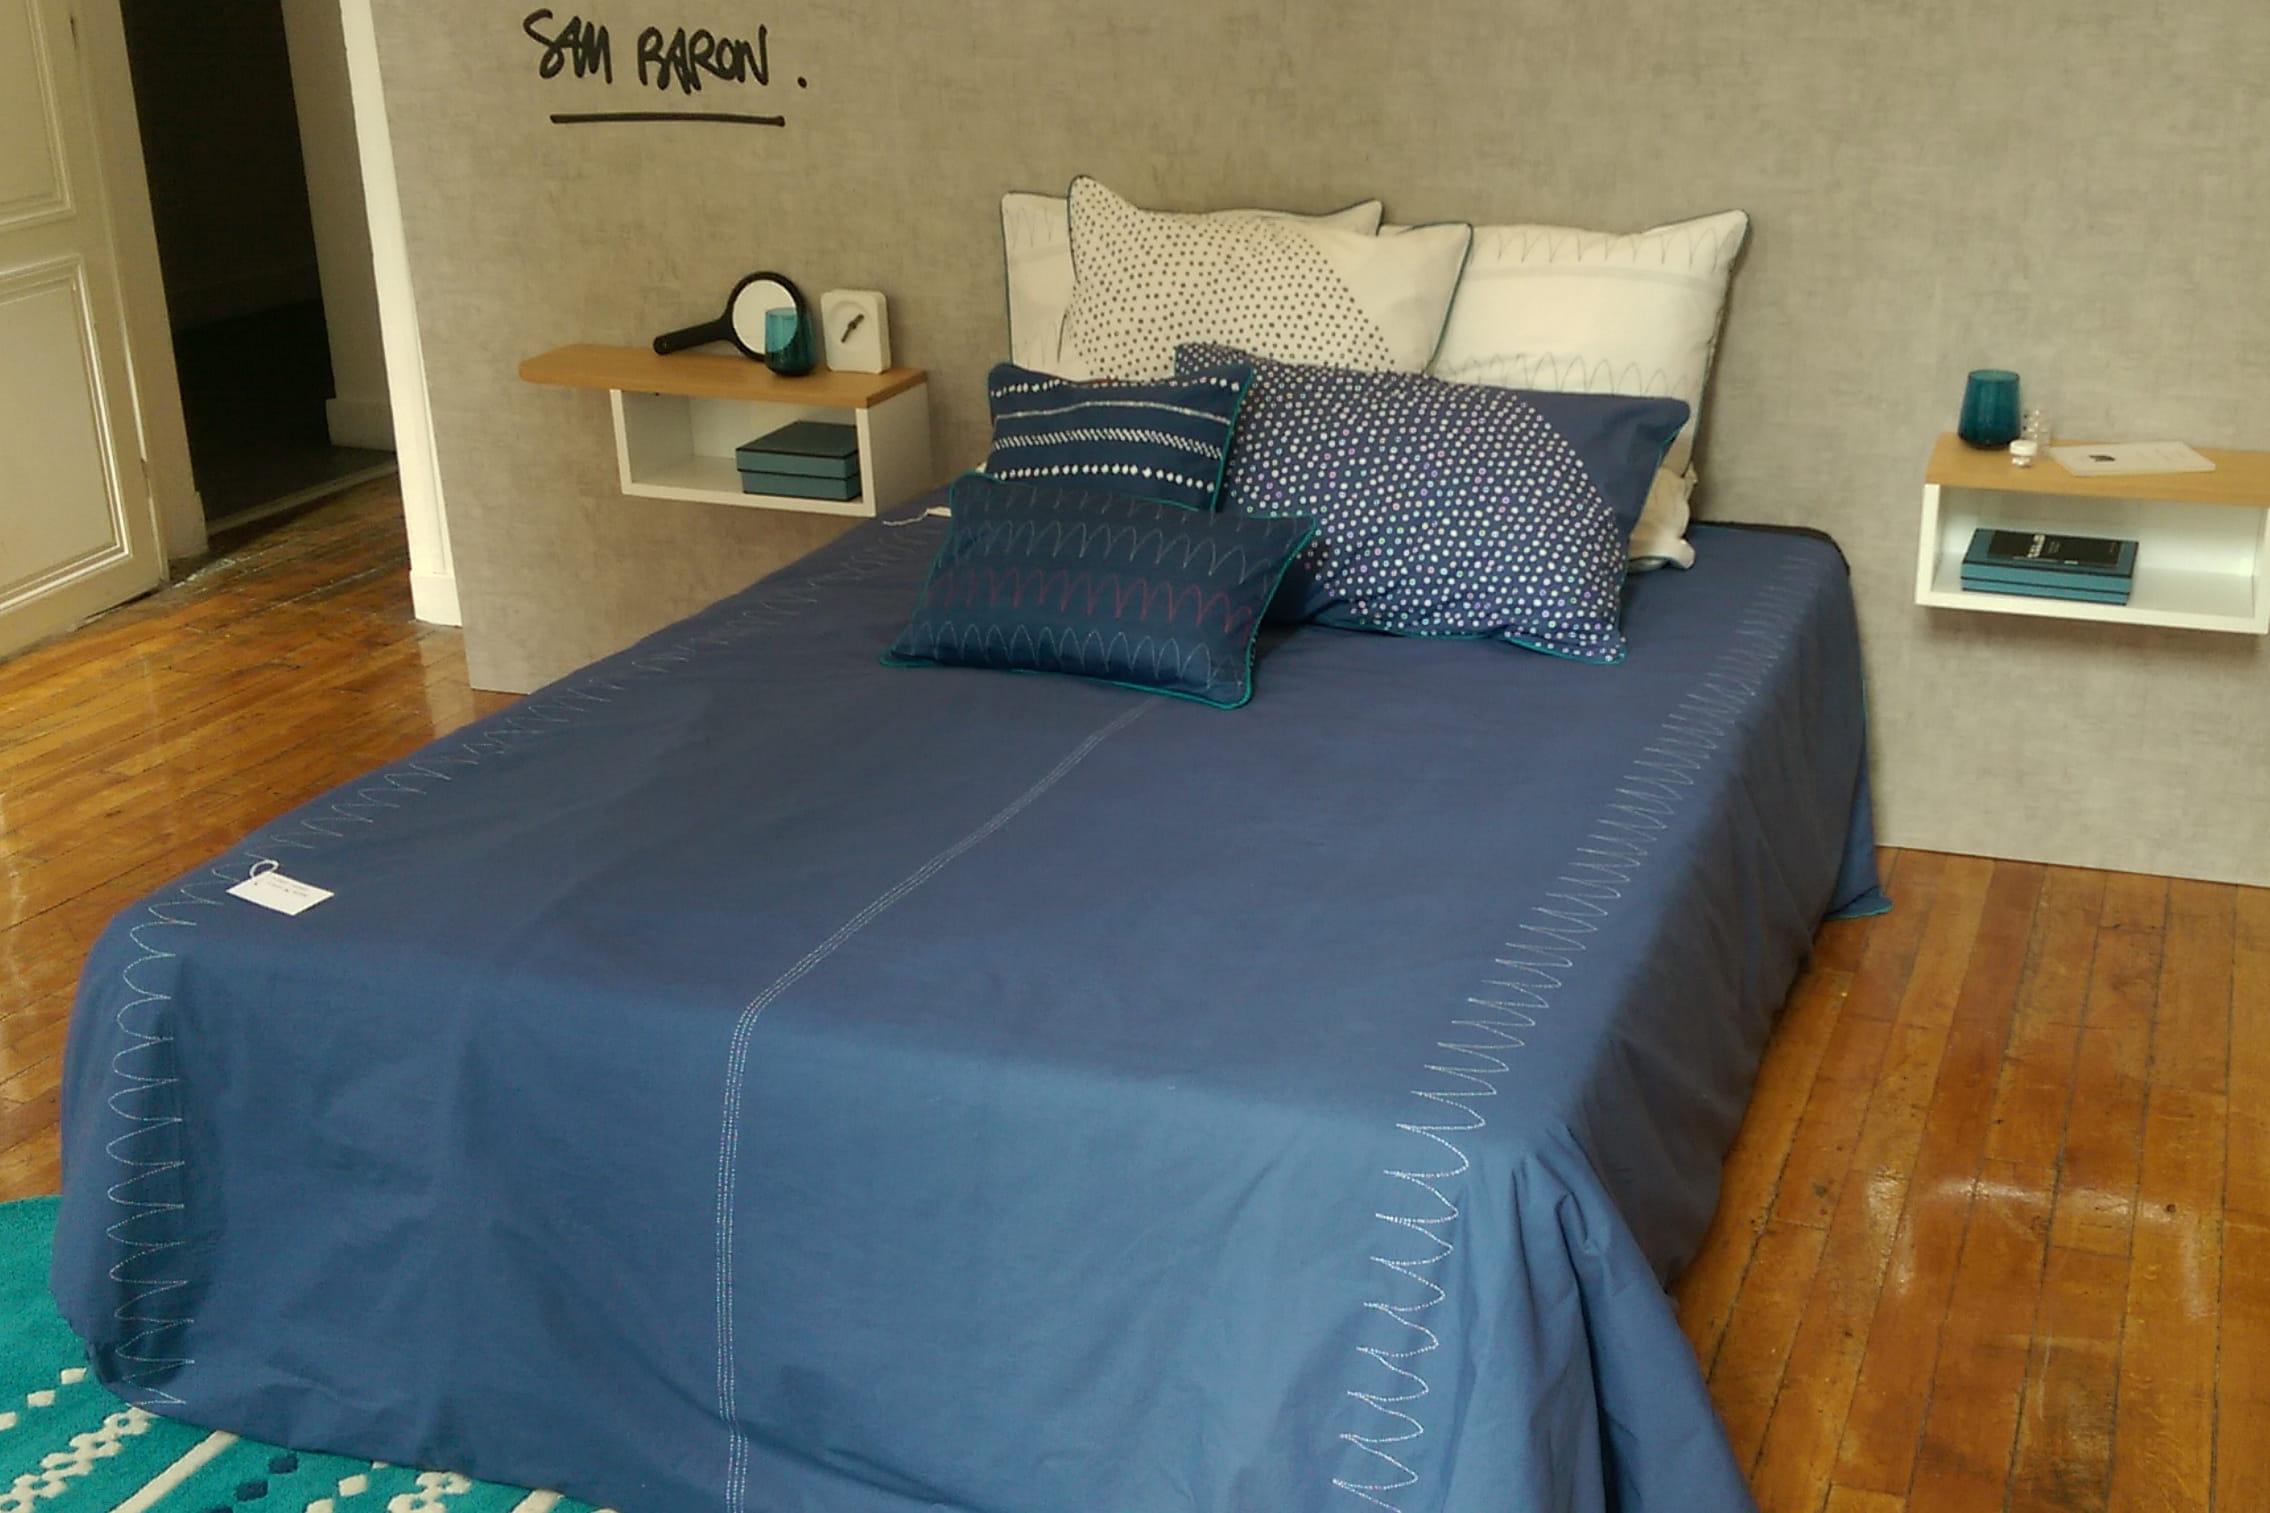 linge de lit bredig de sam baron la redoute int rieurs la collection automne hiver 2015 en. Black Bedroom Furniture Sets. Home Design Ideas